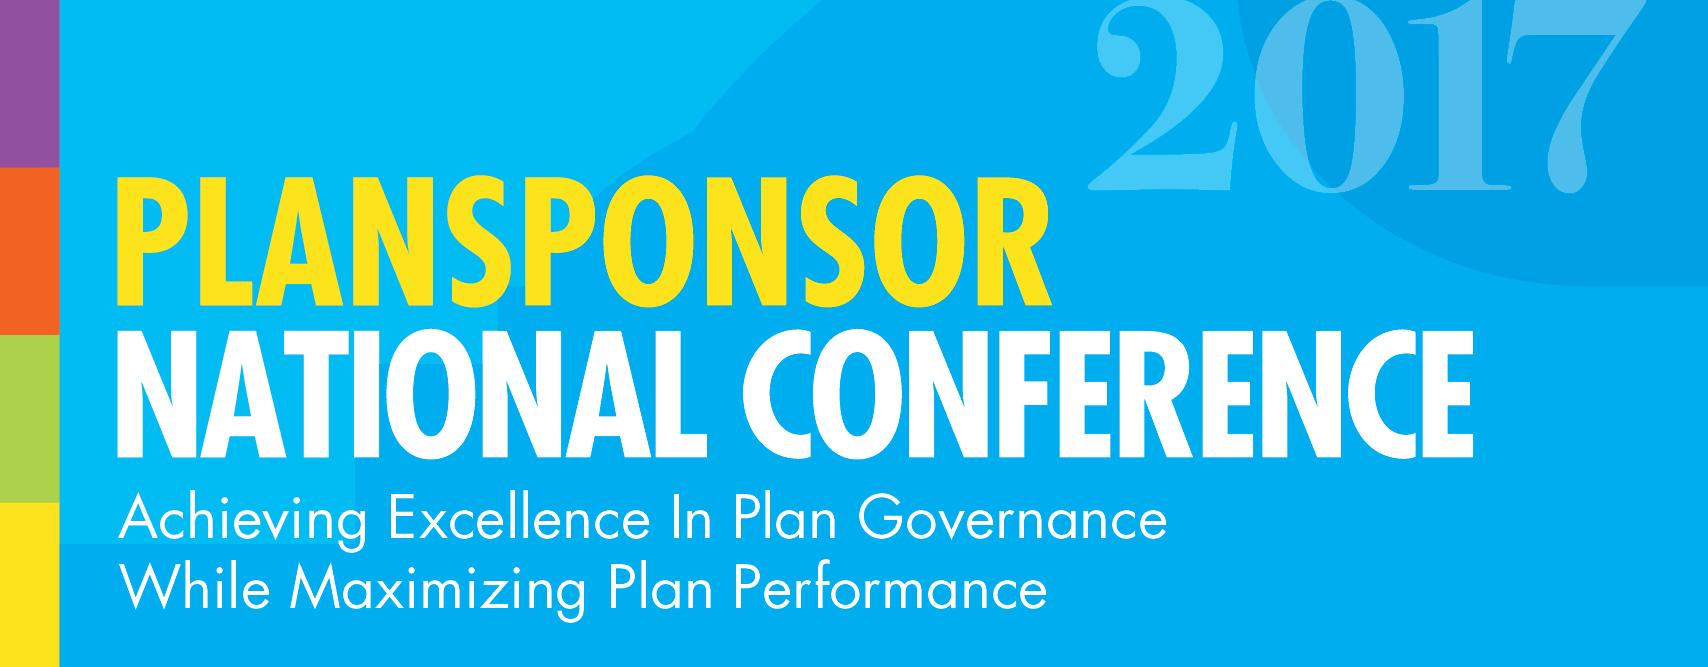 2017 PLANSPONSOR National Conference | PLANSPONSOR